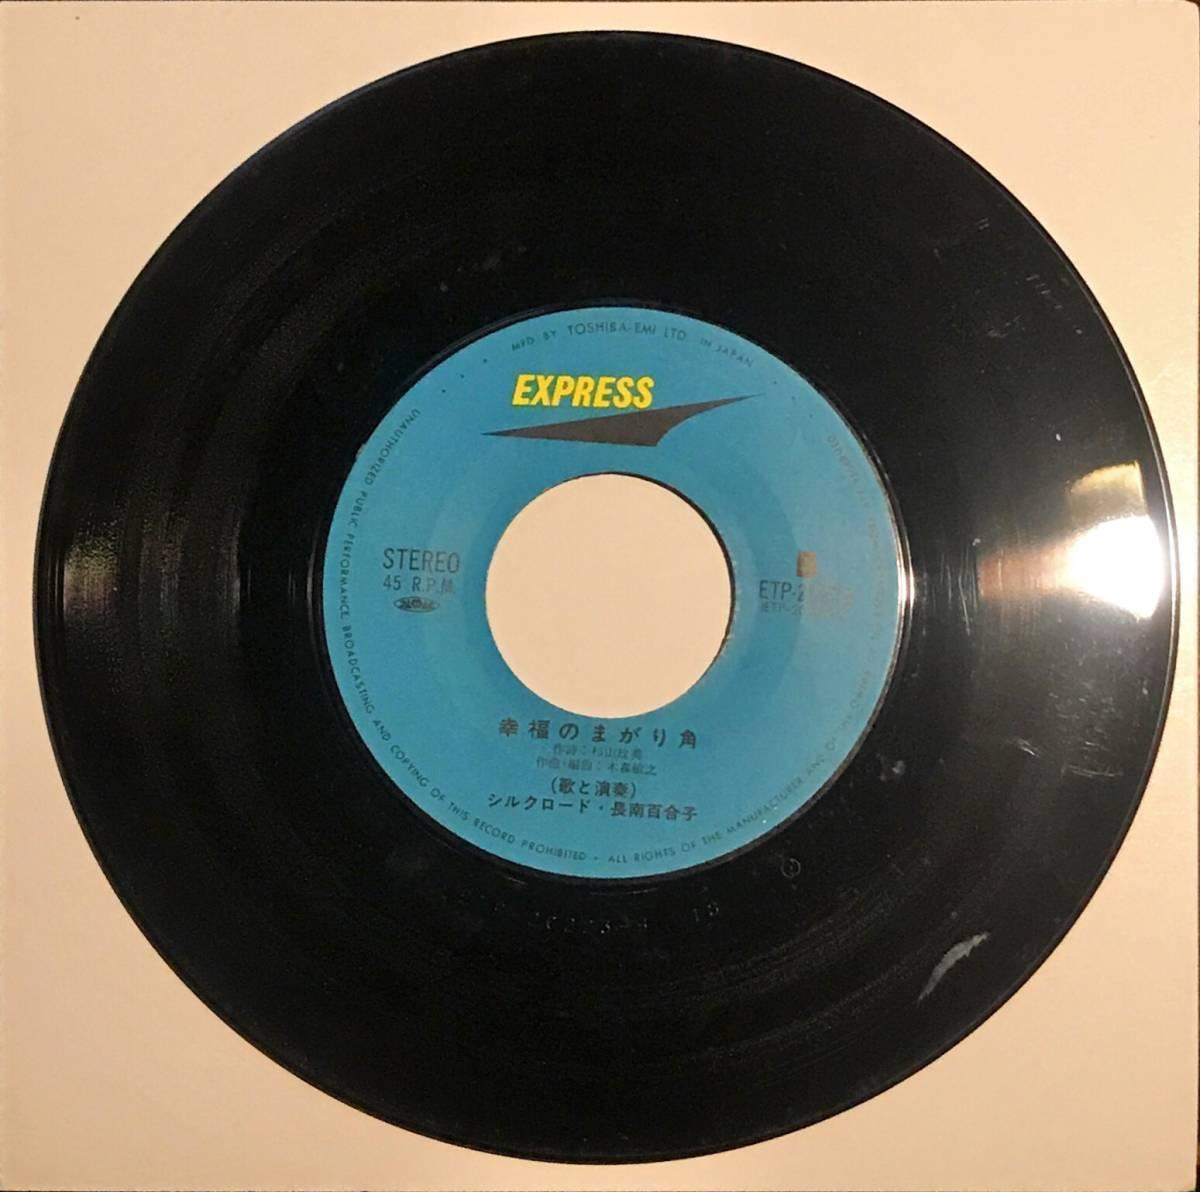 [試聴]和モノMoodブルース シルクロード // 泣きまねしたら / 幸福のまがり角 GROOVE歌謡 [EP]GSグループサウンズ ムード レコード 7inch_画像5